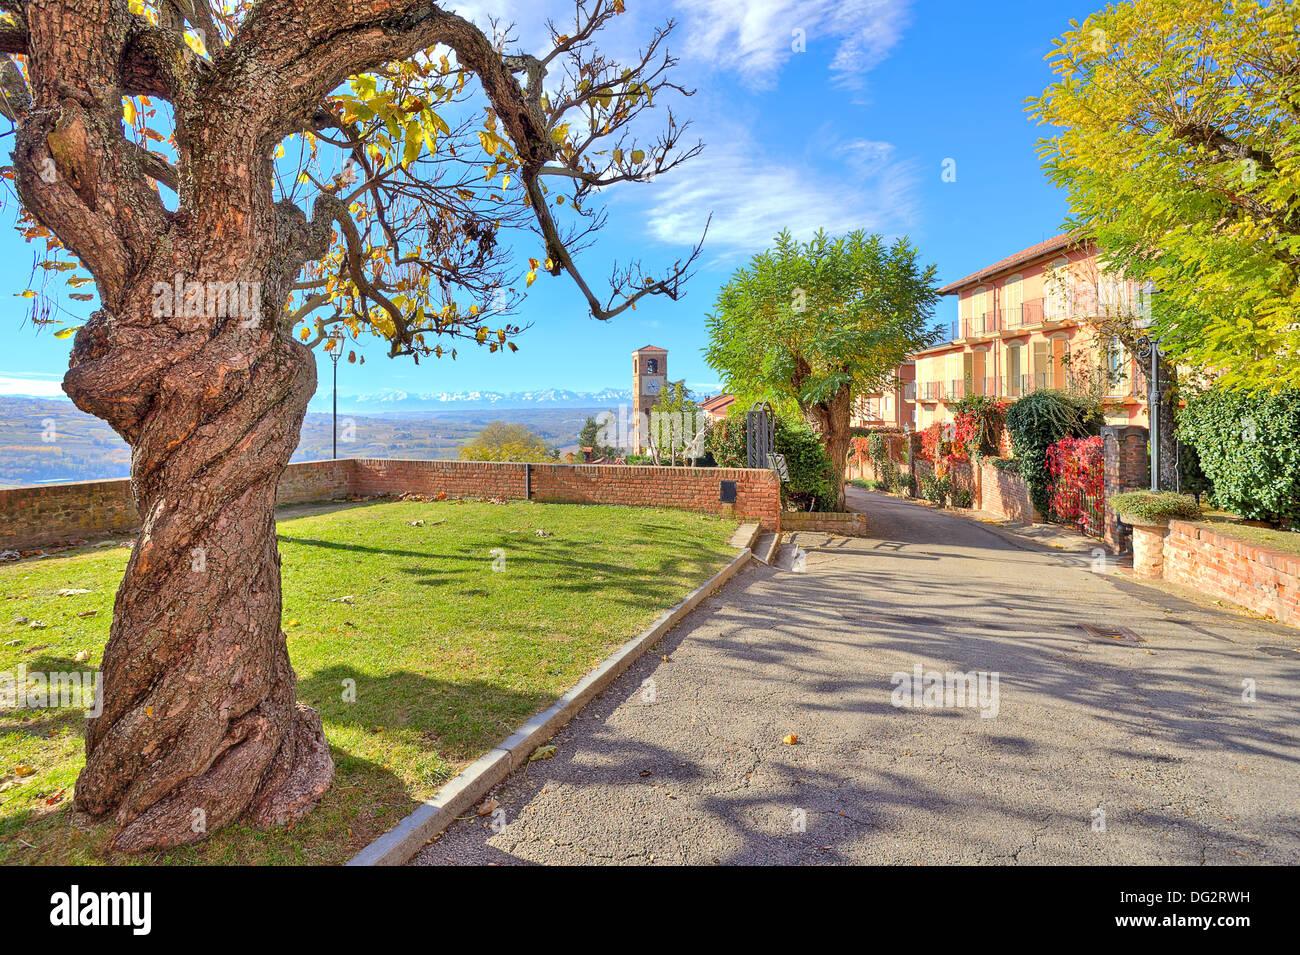 Árbol con hojas amarillas y viejo tronco crece en la calle, en la pequeña ciudad de Santa Vittoria D'Alba en el Piamonte, Norte de Italia. Imagen De Stock